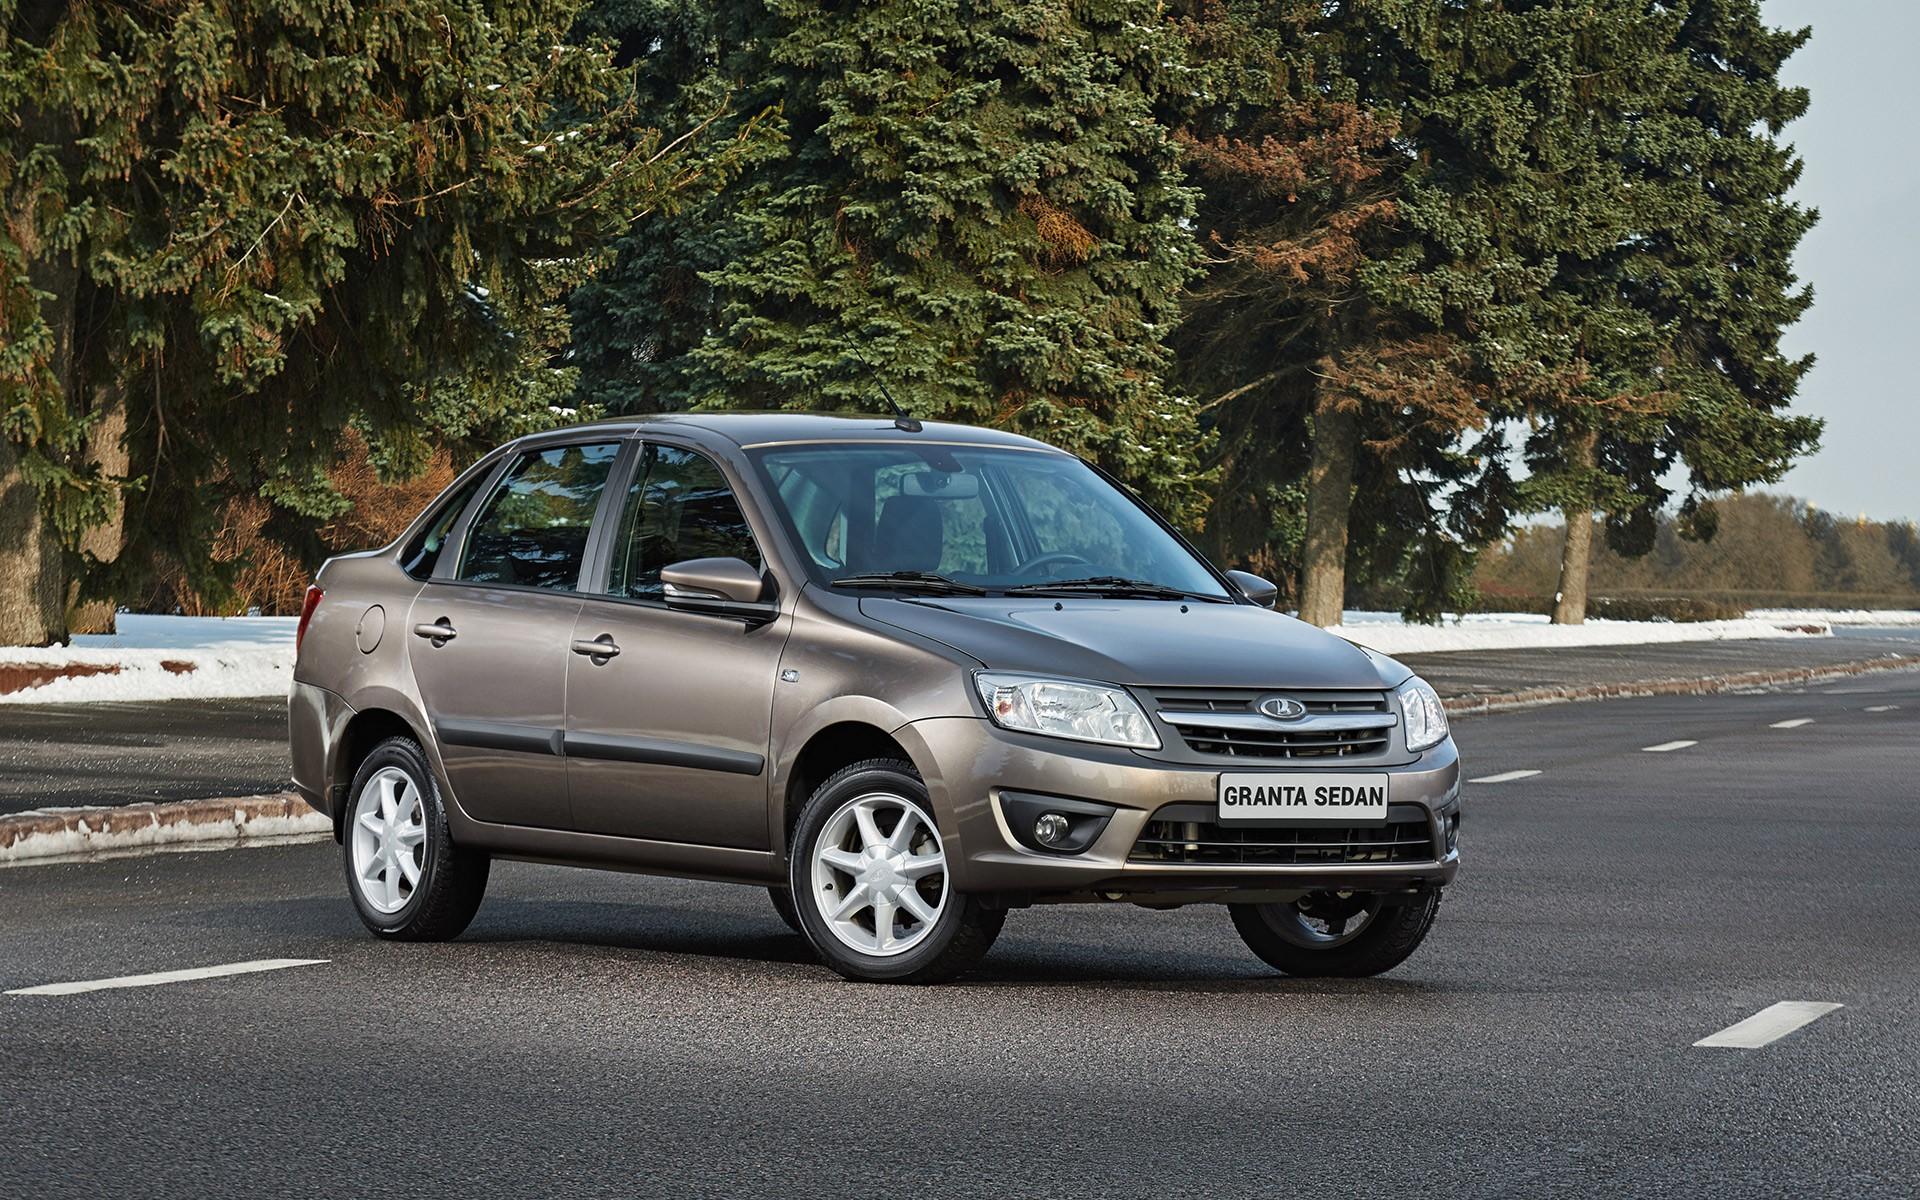 Специалисты назвали топ-10 самых недорогих авто в РФ